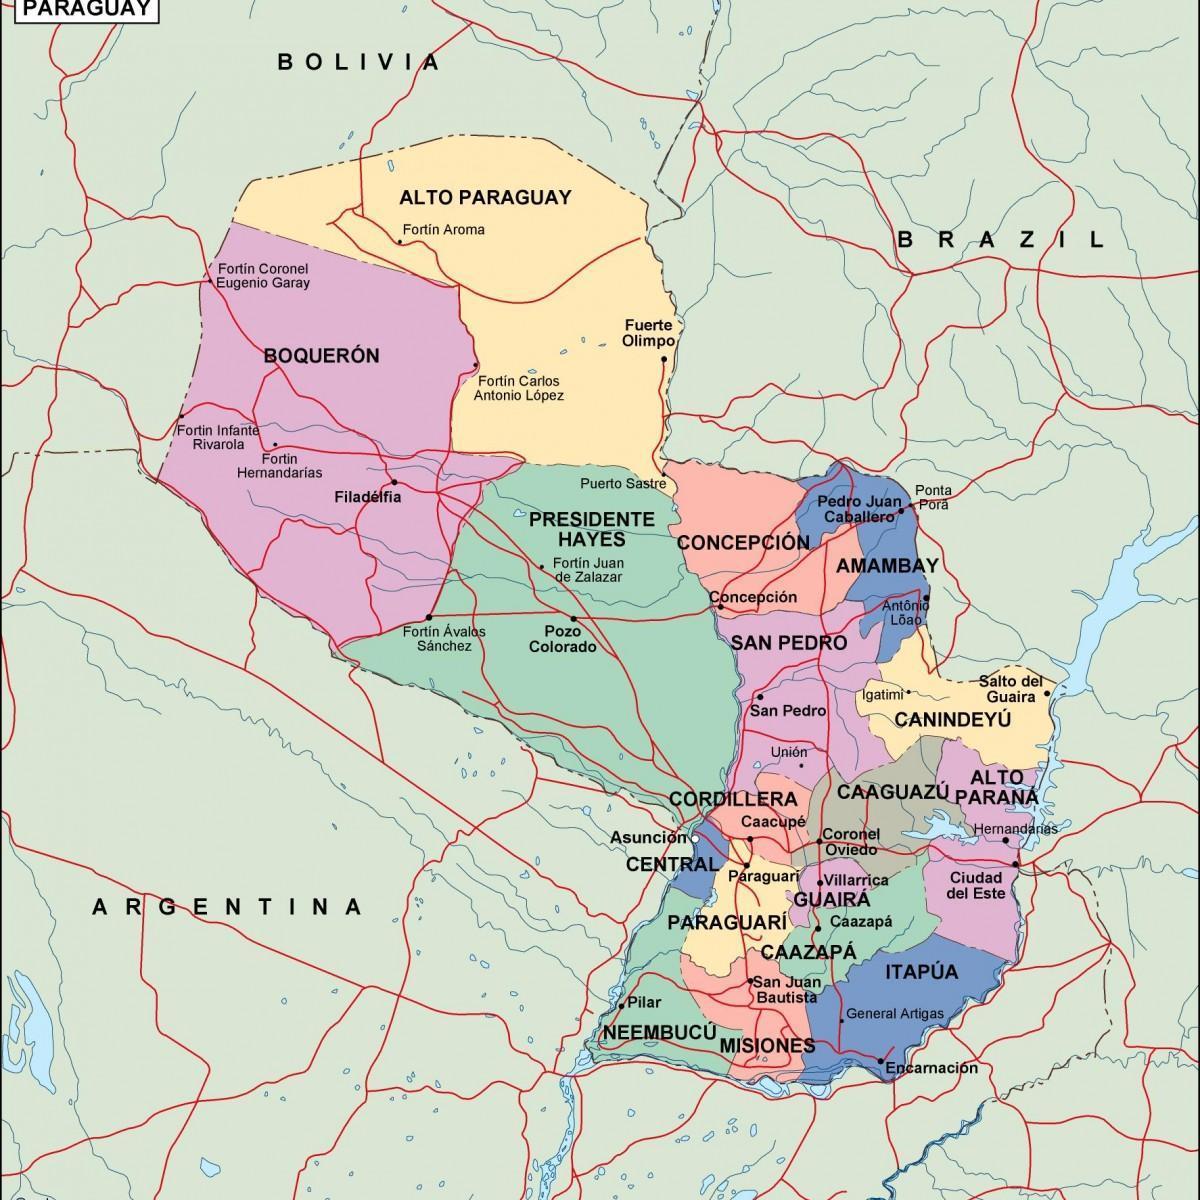 America Del Sud Cartina Politica.Mappa Politica Del Paraguay Mappa Politica Del Paraguay